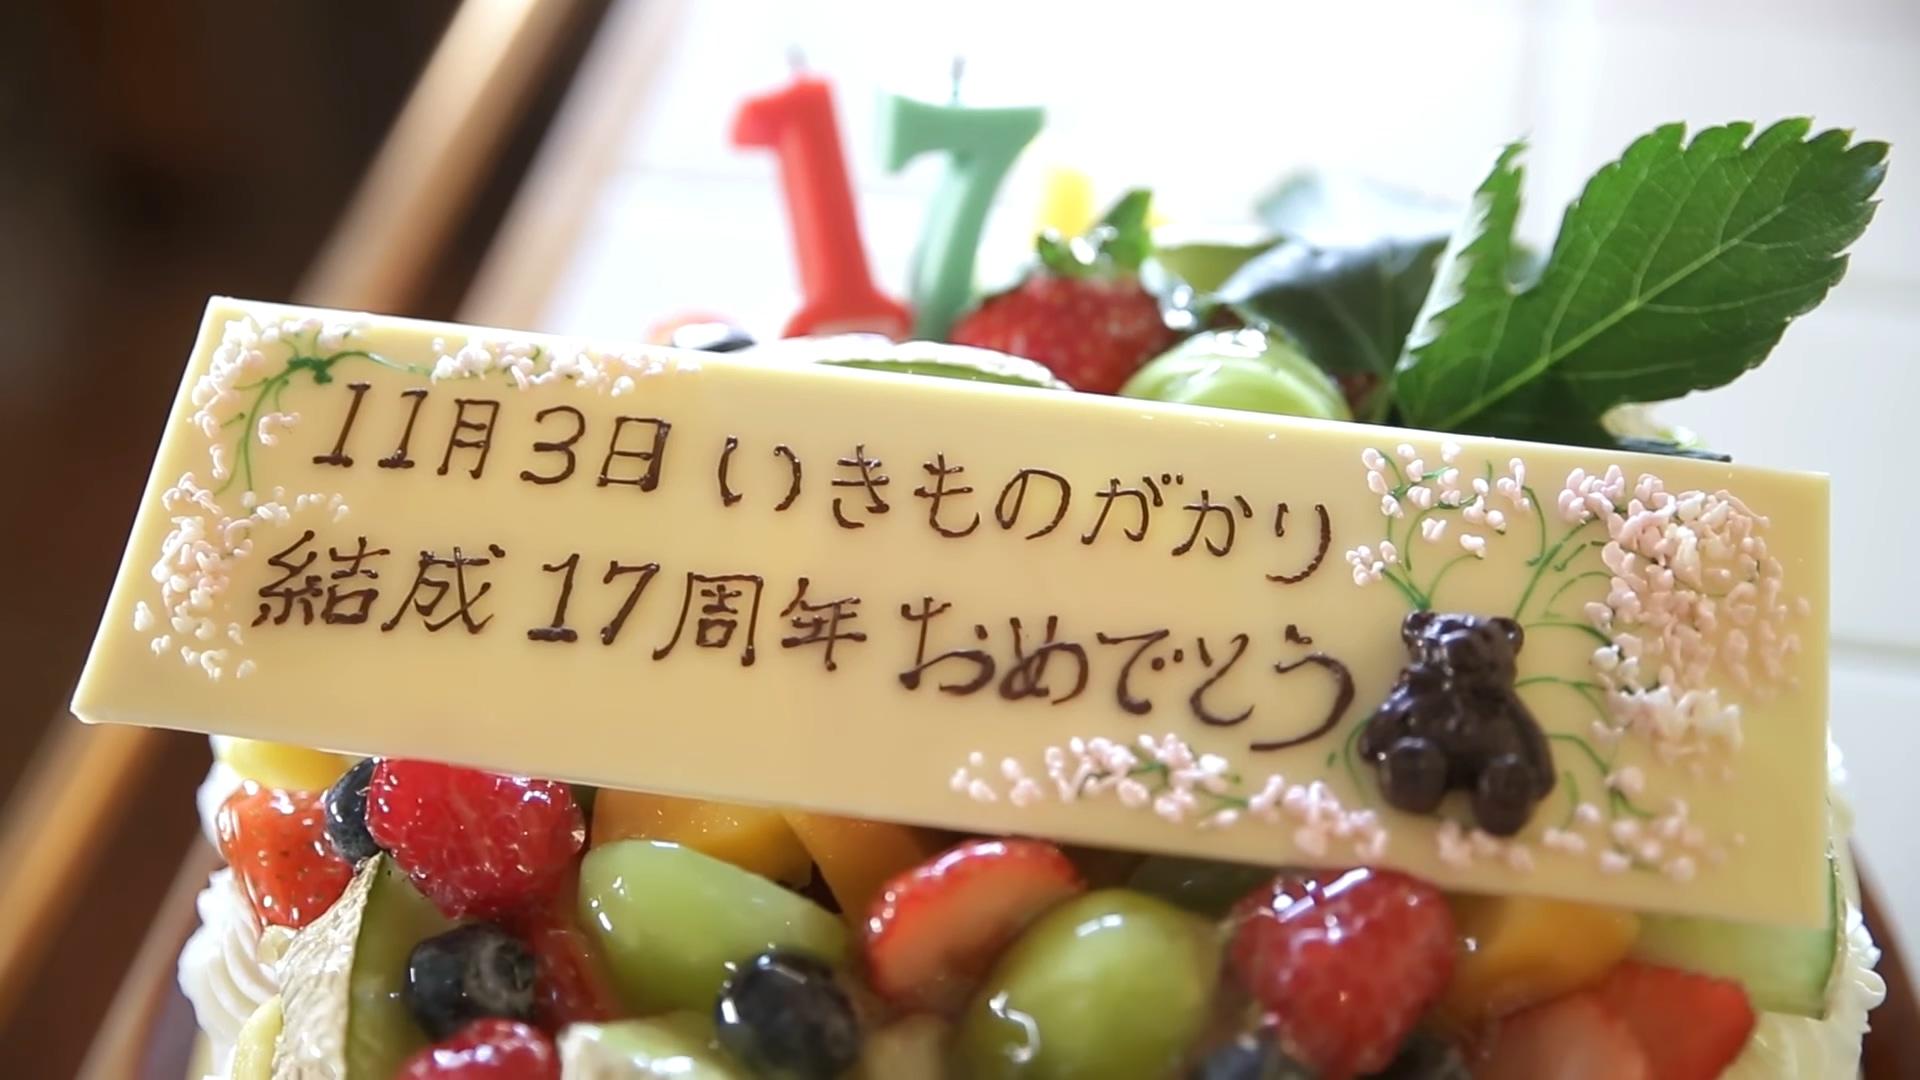 MV - ゆず×いきものがかり「イロトリドリ」.MKV_20170412_033448.302